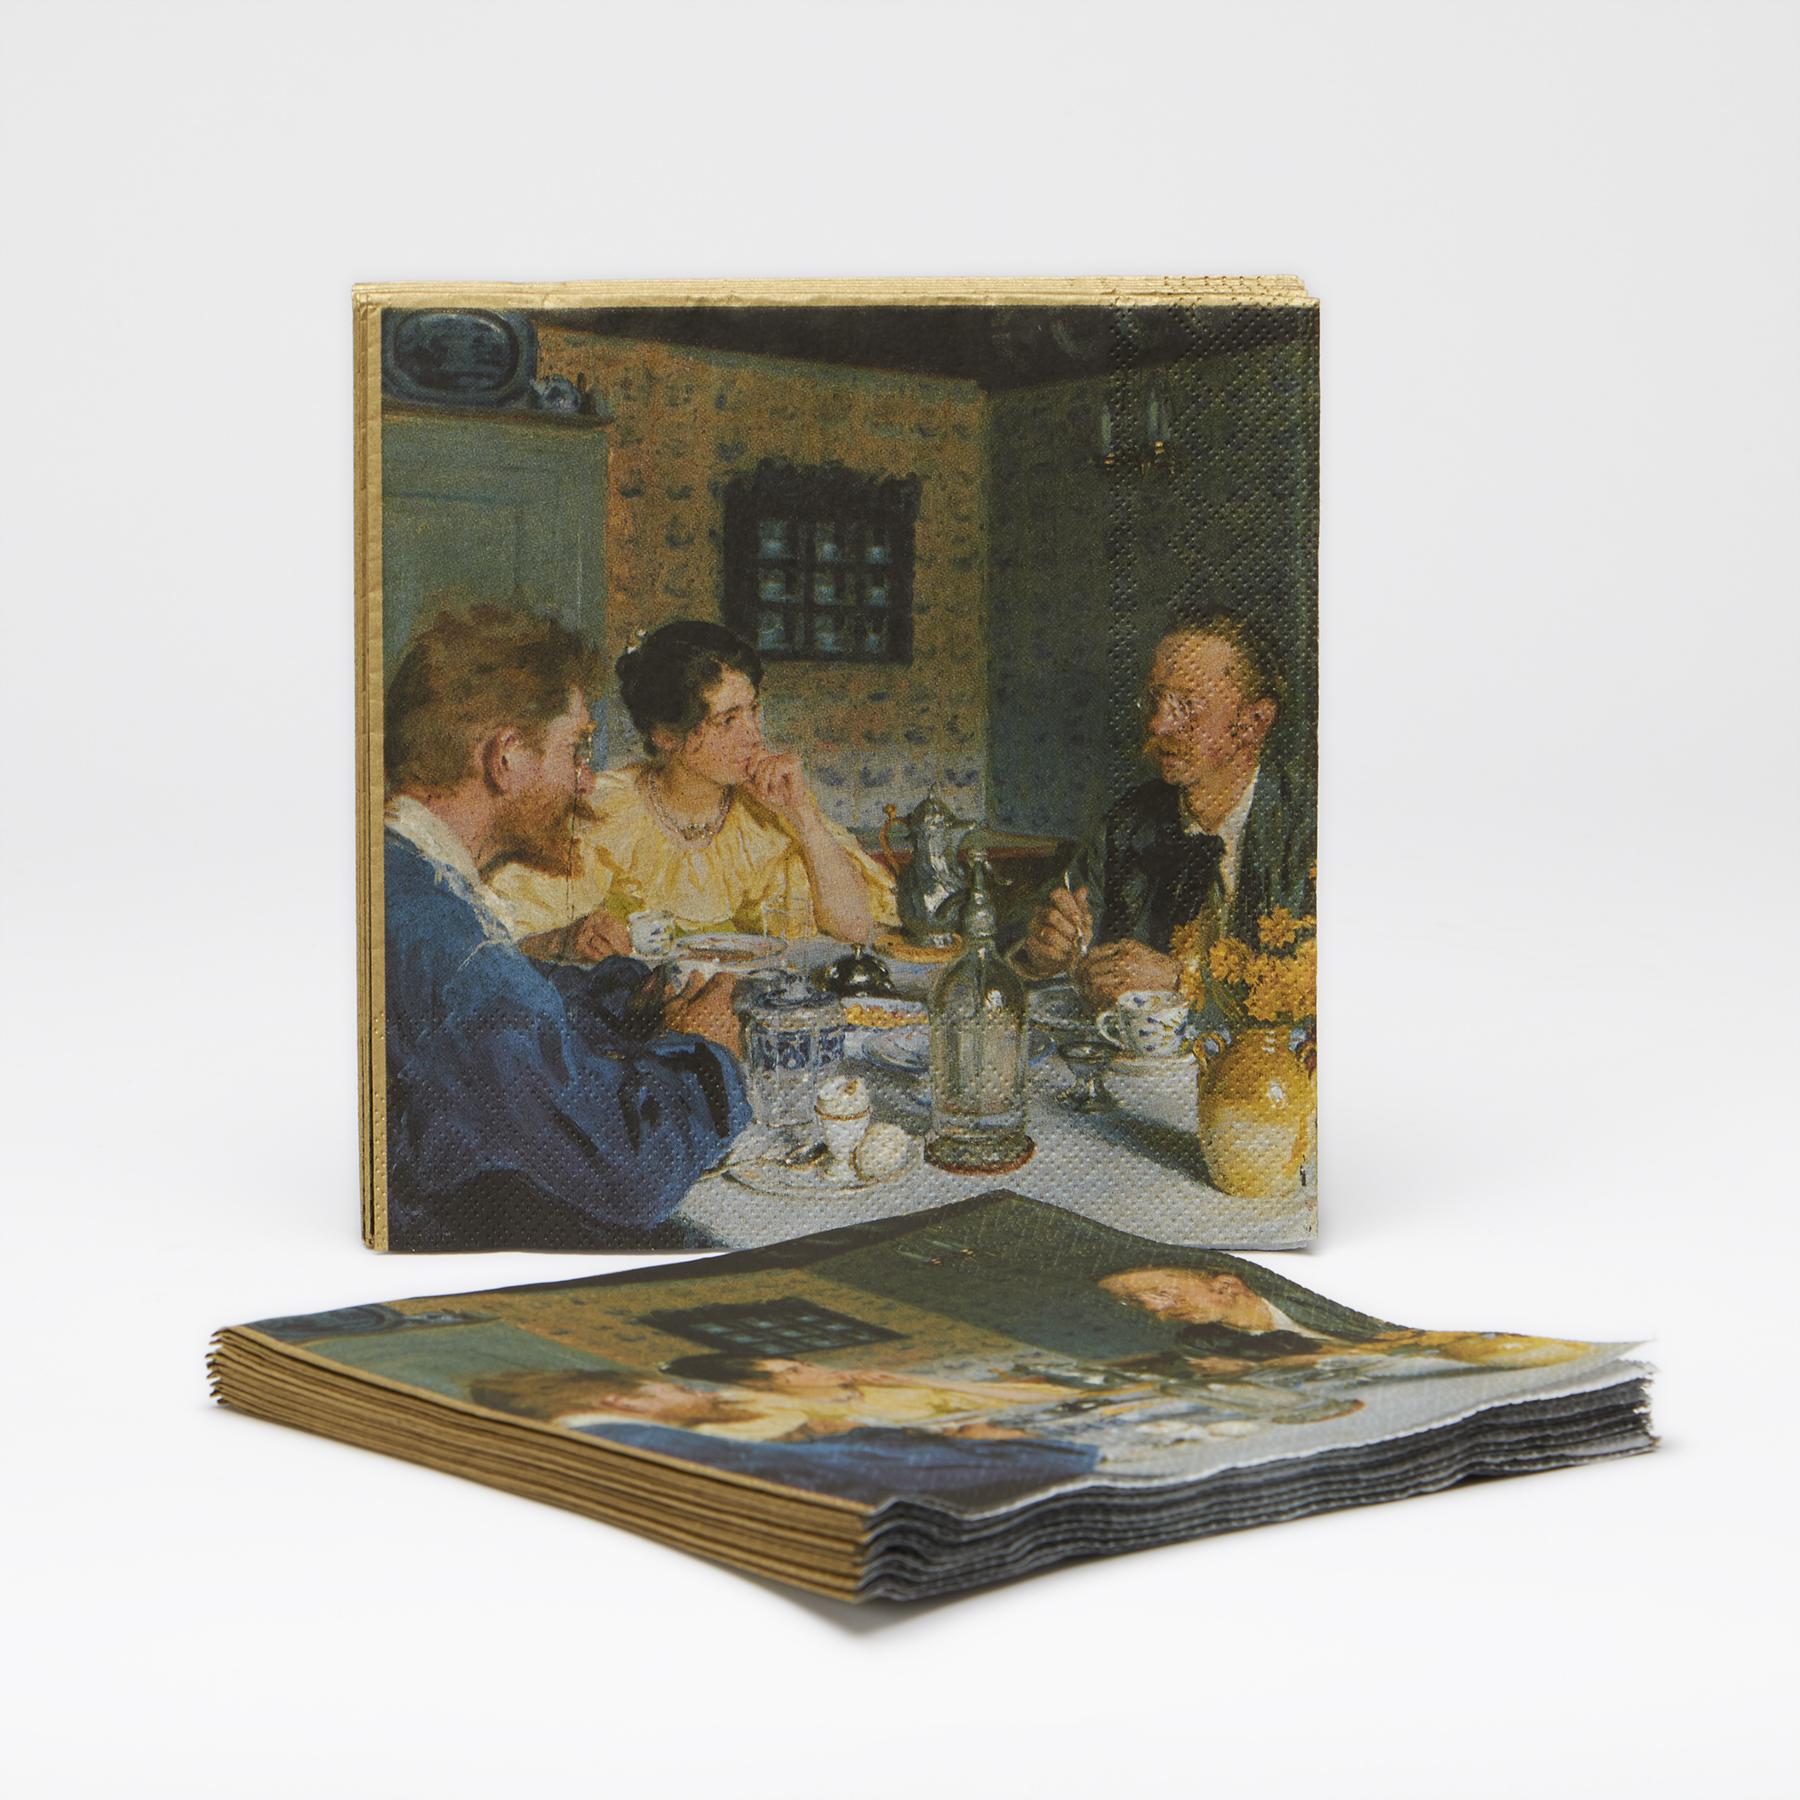 Servietter med motivet 'Ved frokosten' af P.S. Krøyer